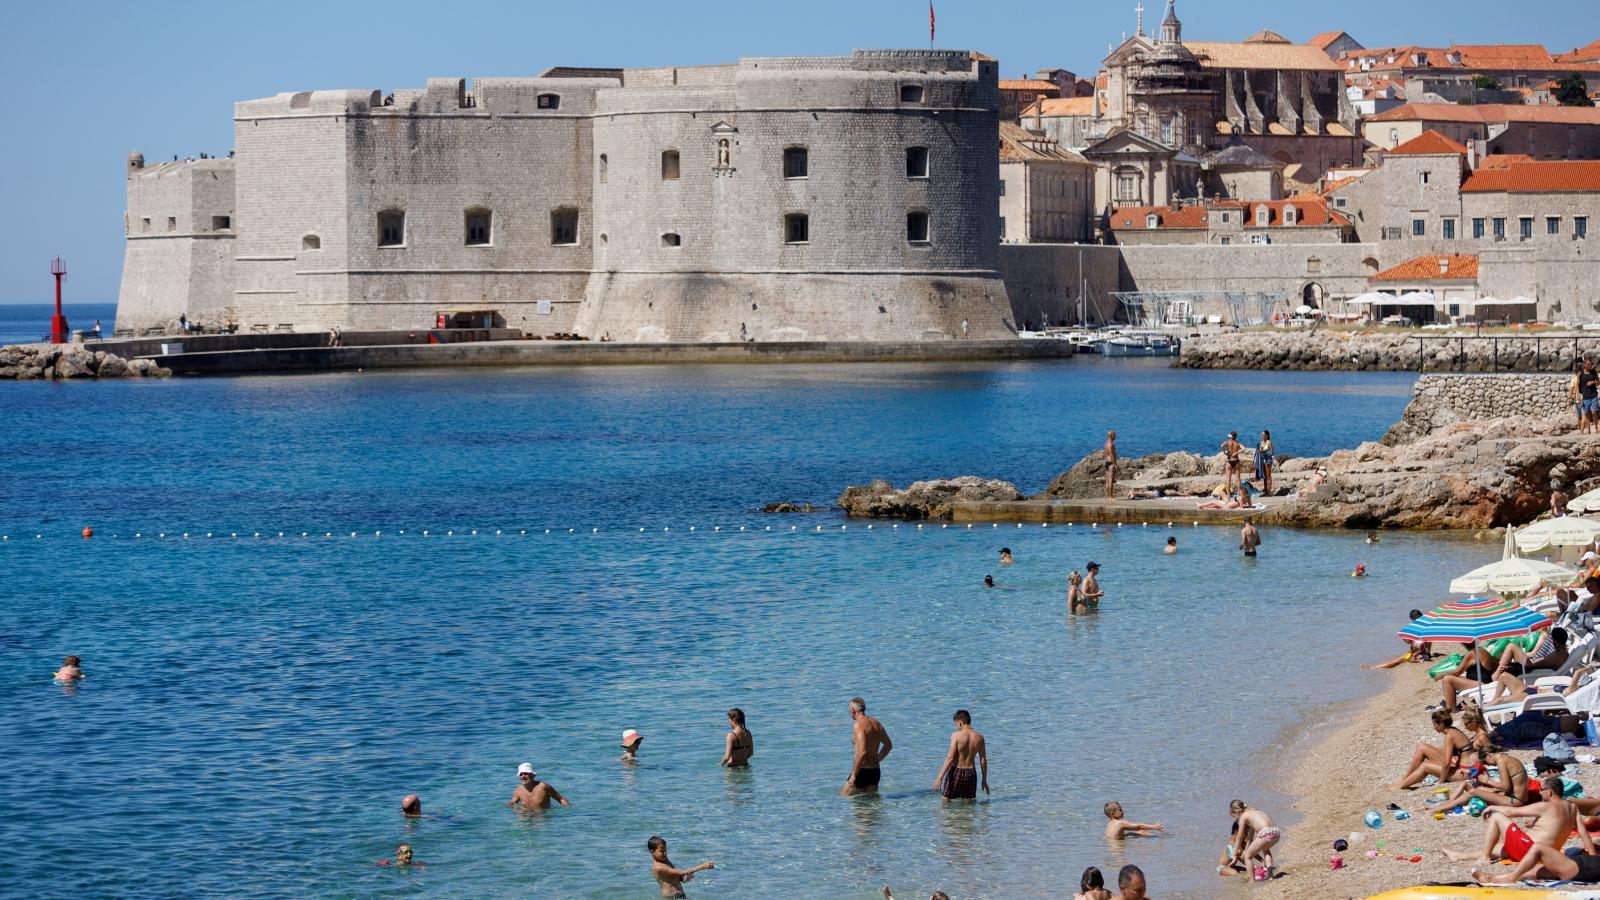 Croatia ưu tiên an toàn sức khỏe khi mở cửa du lịch